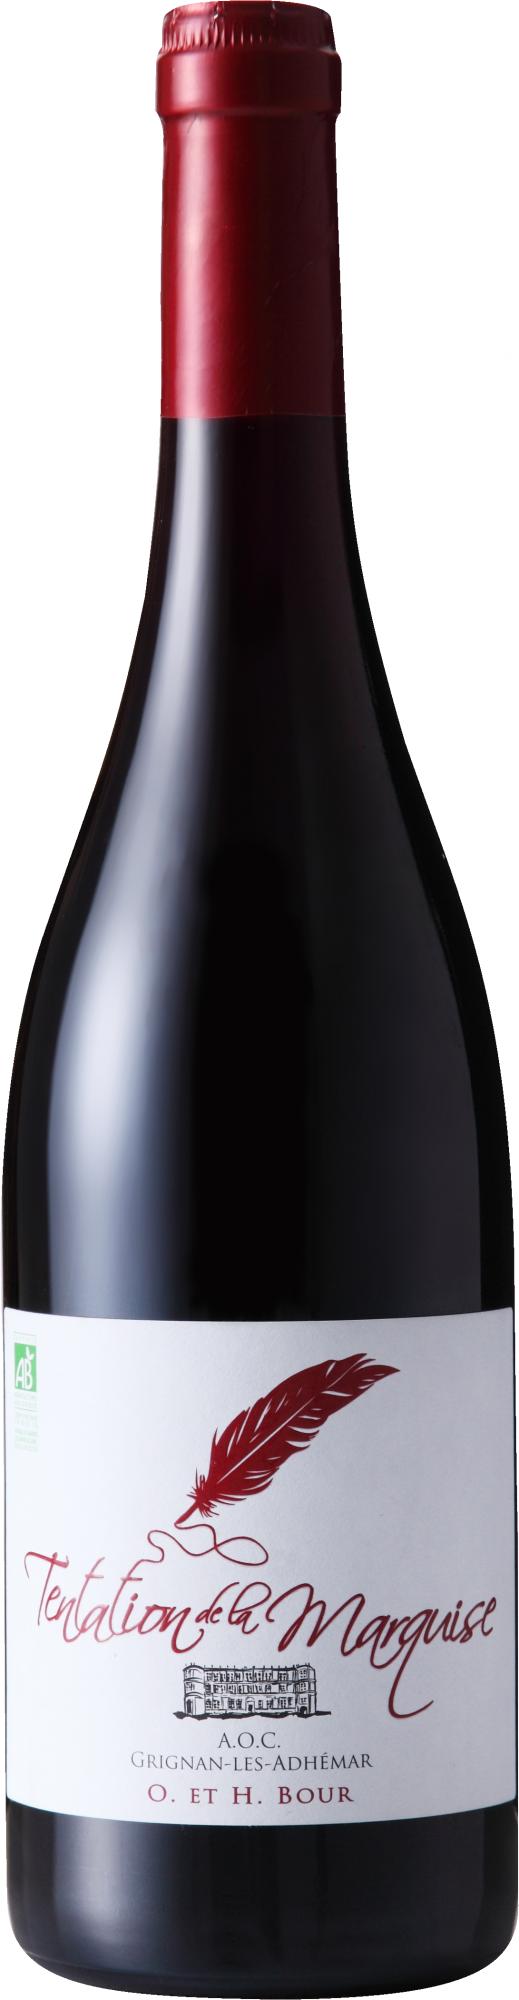 domaine de grangeneuve tentation de la marquise bio kwast wijnkopers